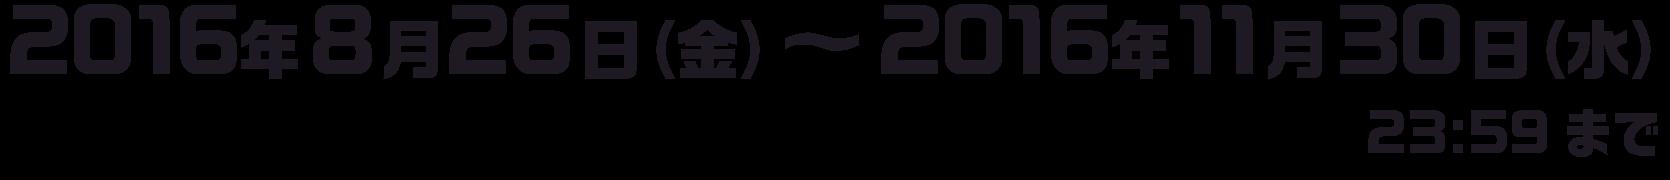 2016年8月26日(金)〜2016年11月30日(水)(23:59まで)